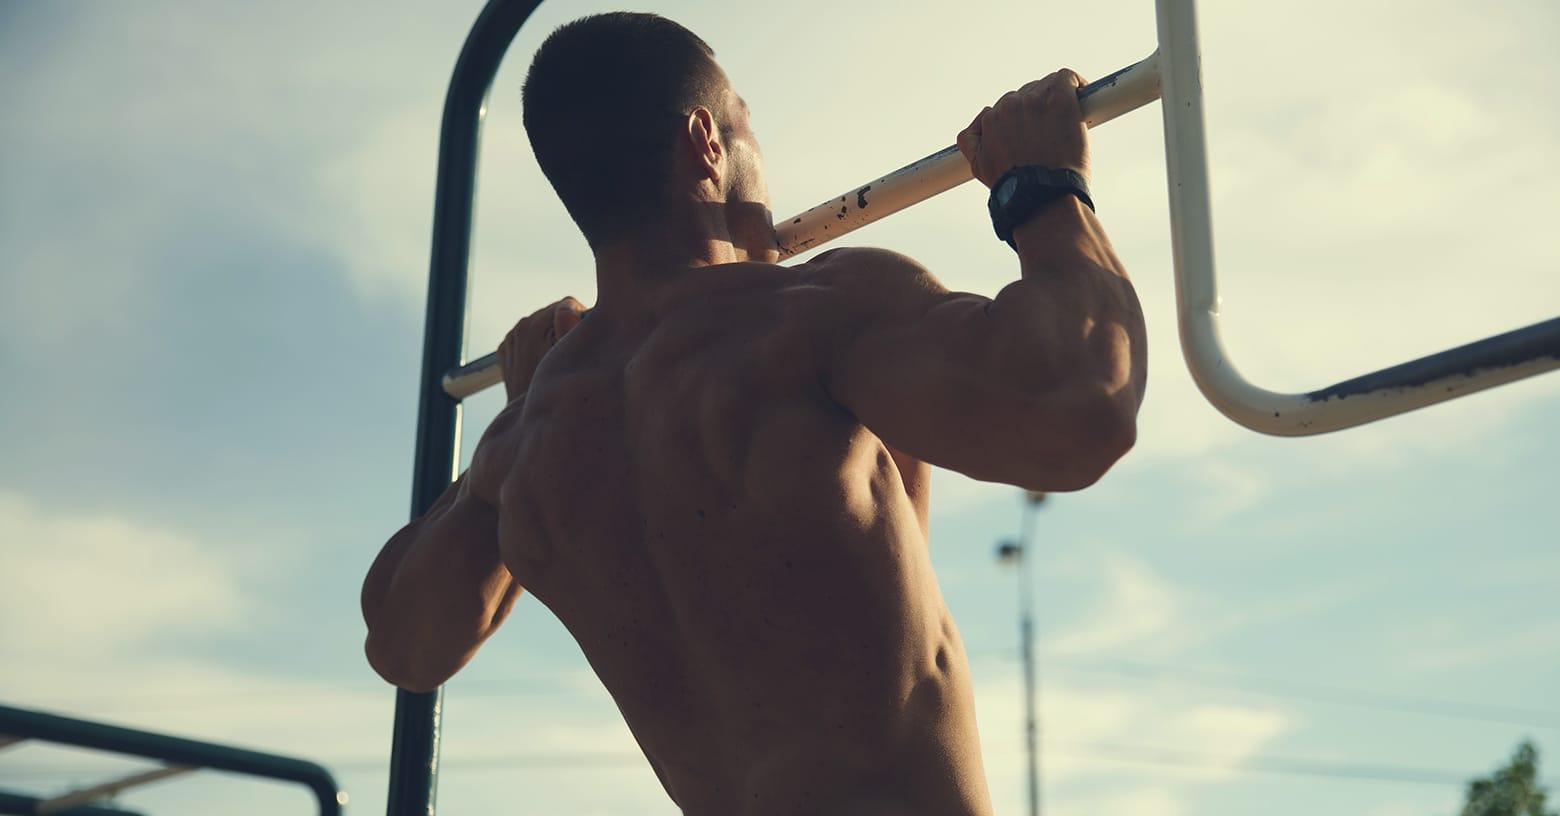 look more muscular - muskulösen Körper - paraître plus musclé - EVO Fitness